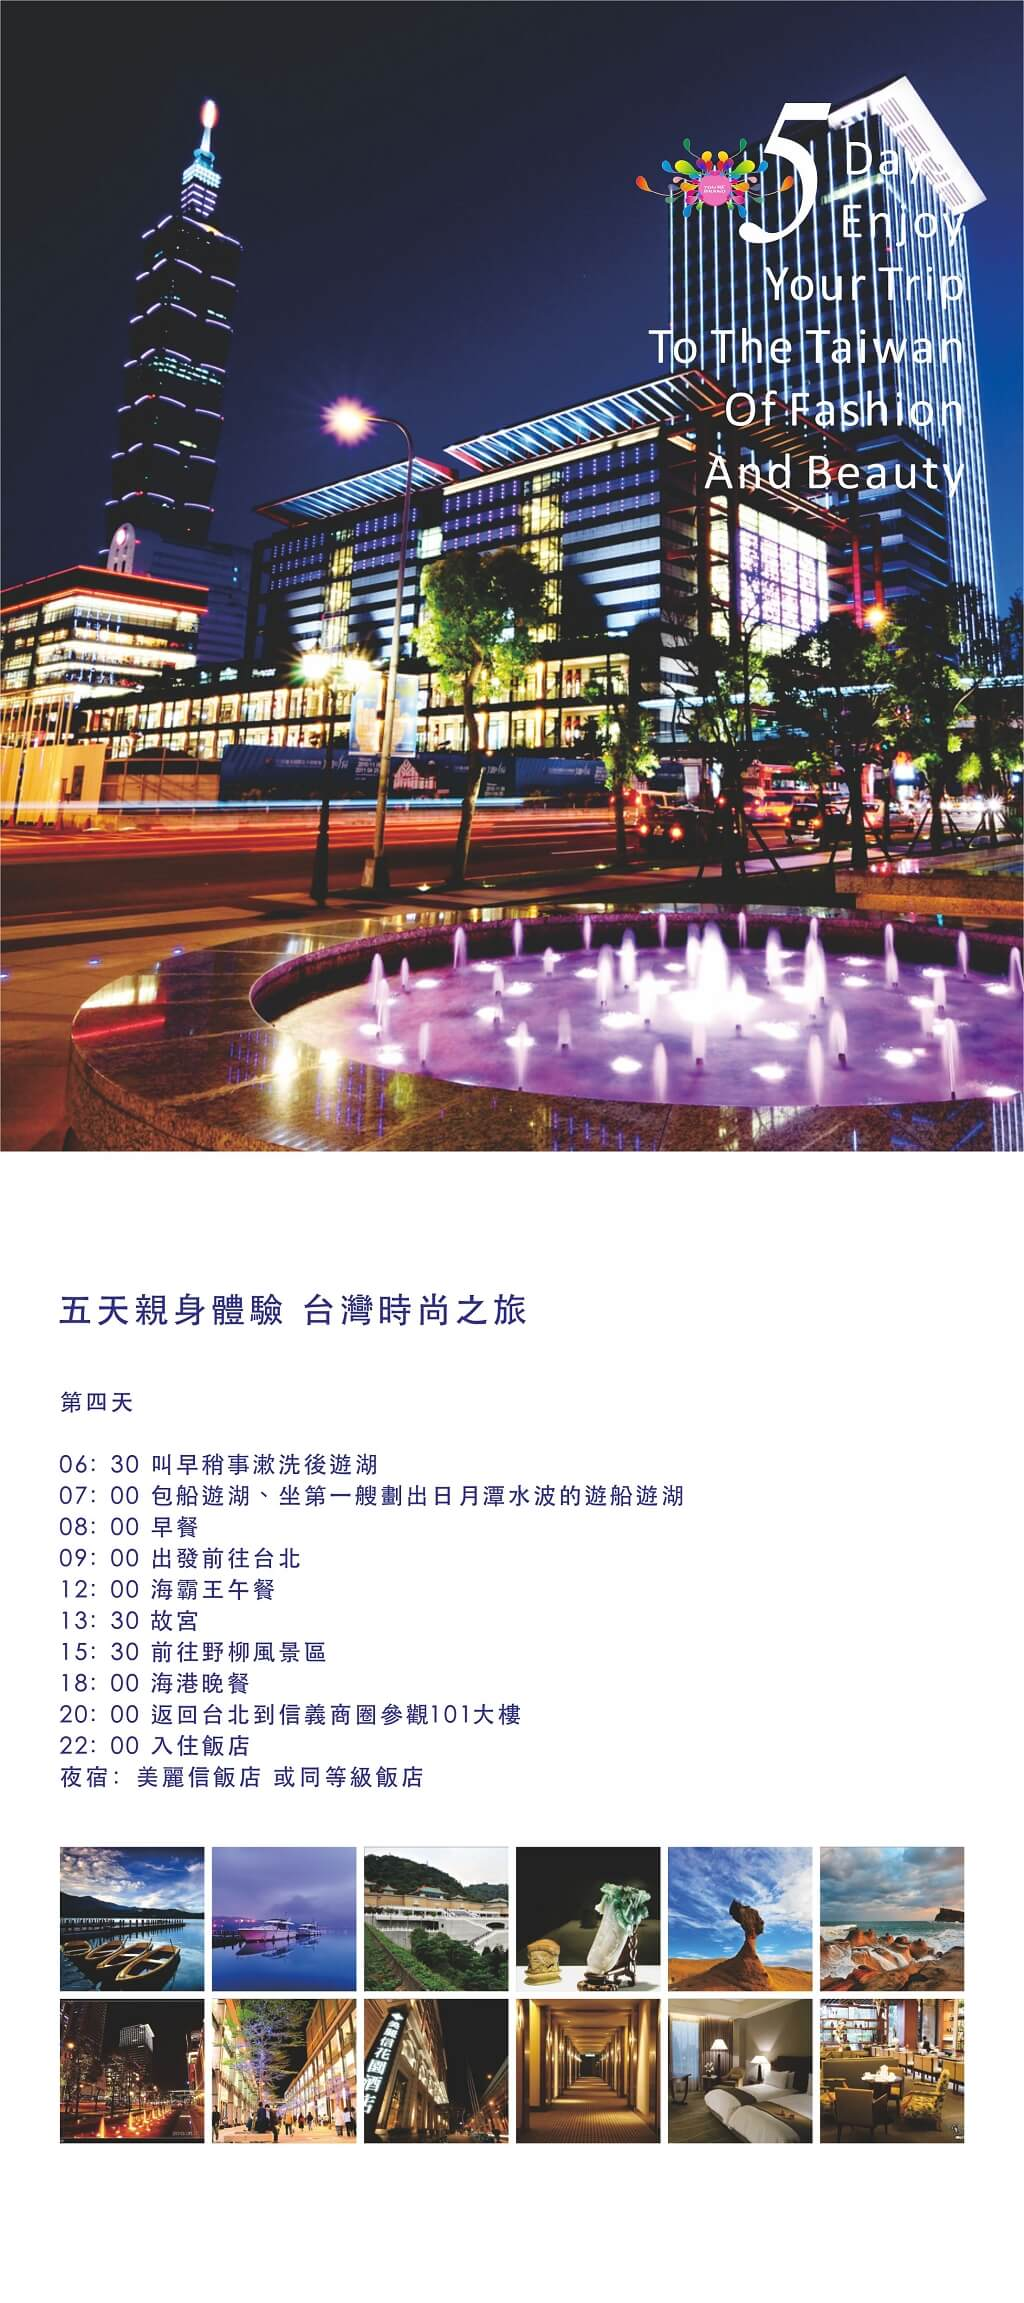 歐瑪聖絲-時尚產業代理-旅遊配套-11